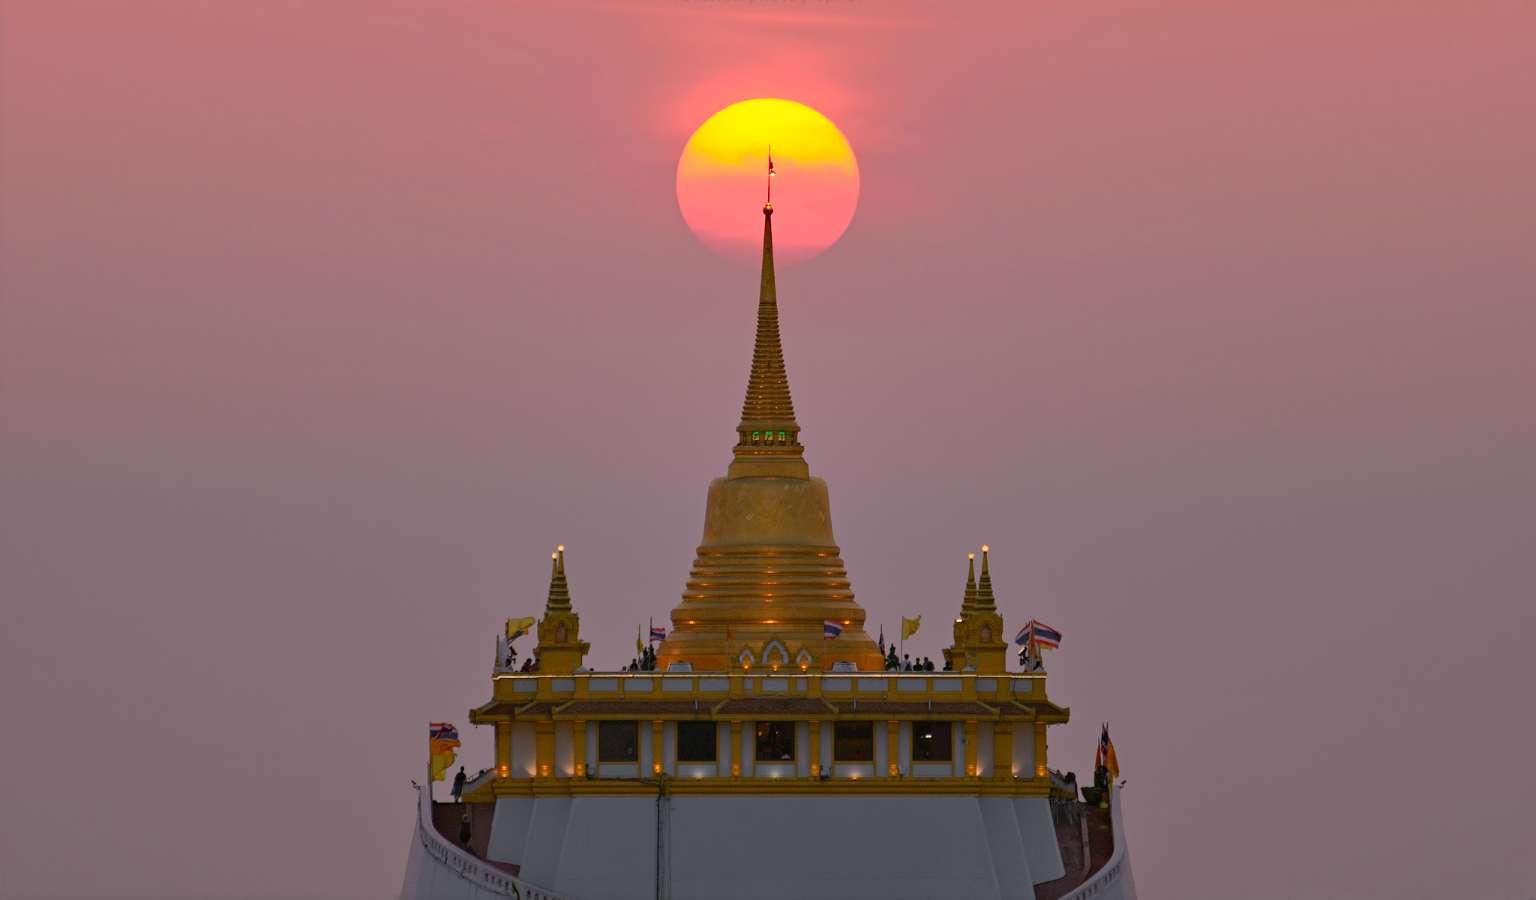 Wat Saket Golden Mount in Bangkok, Thailand